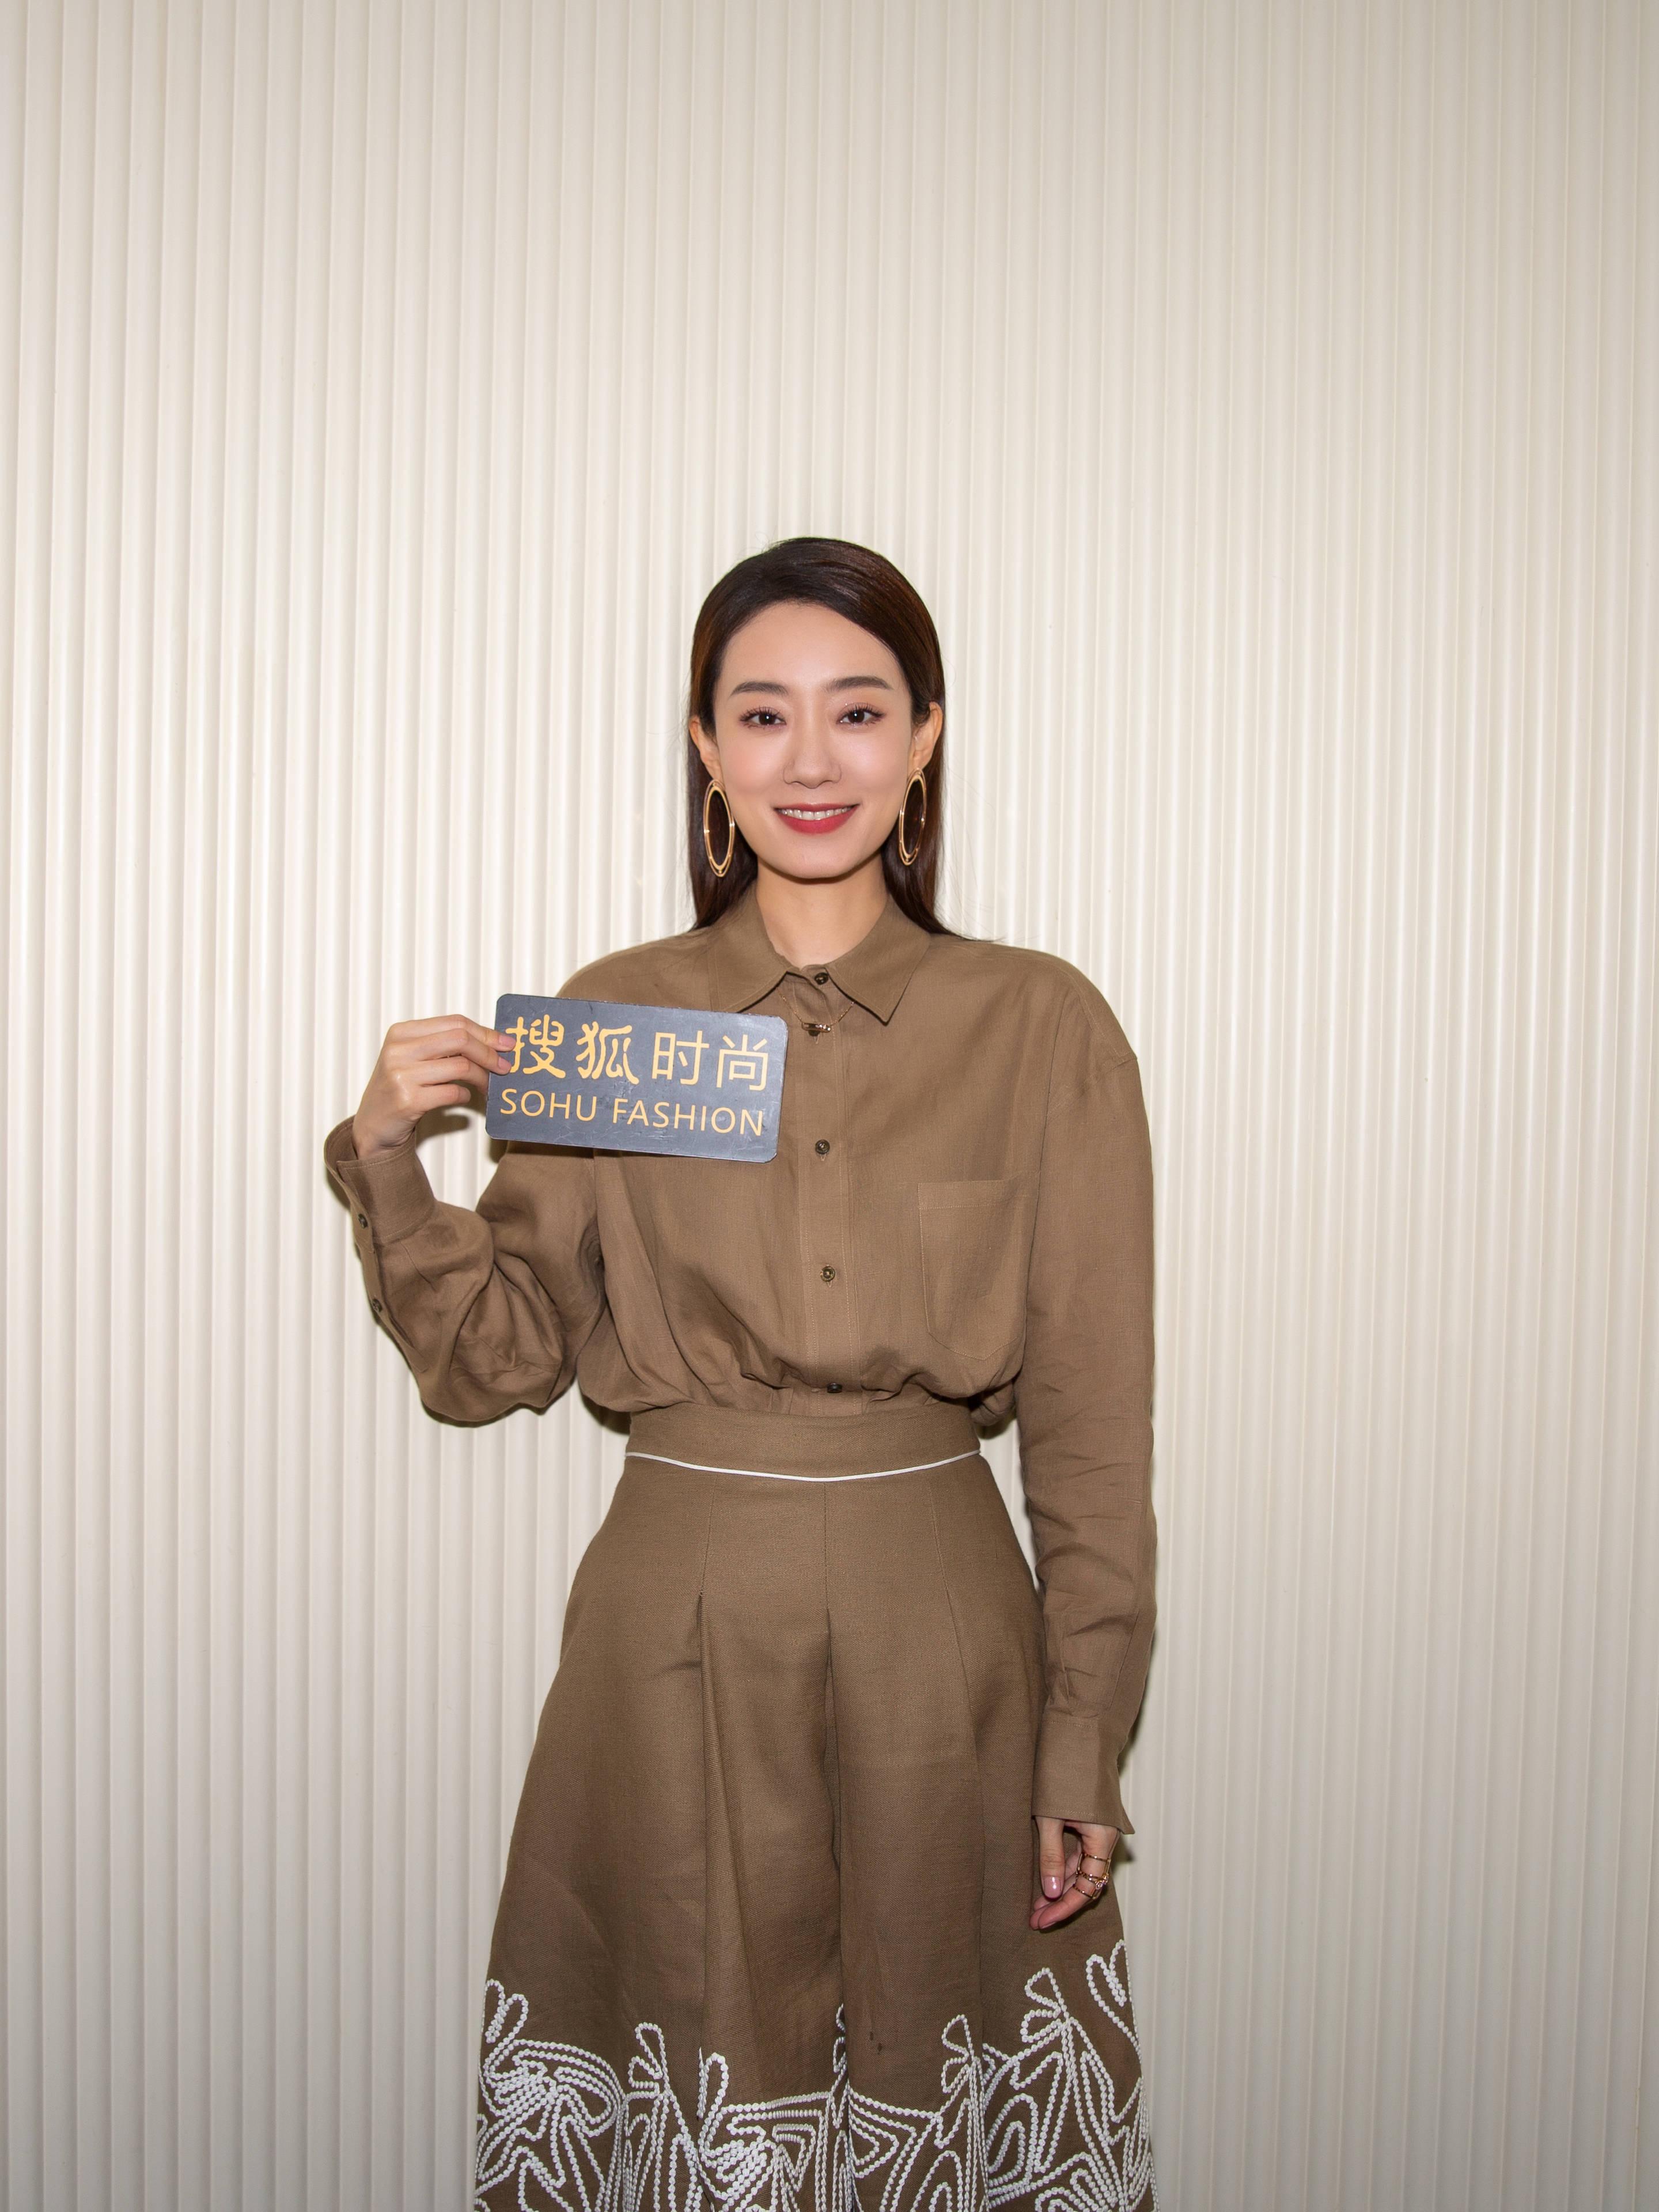 38岁的佟丽娅少女依旧,穿上大牌的张小斐让女人